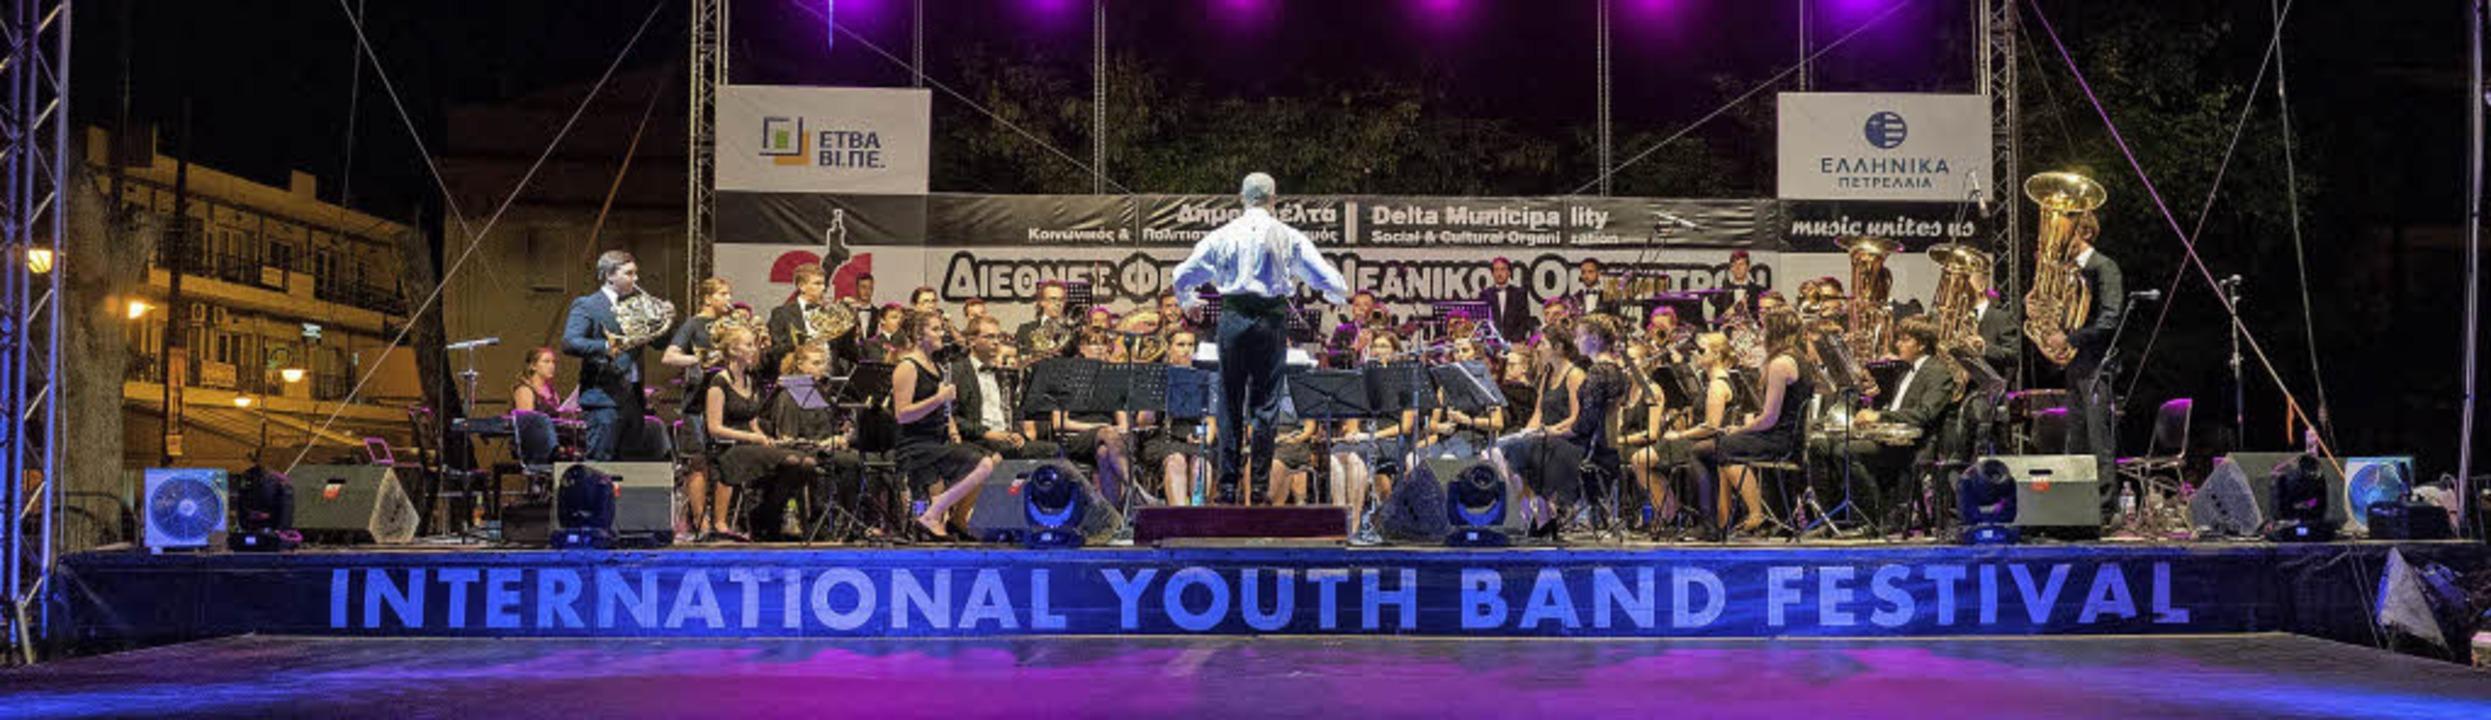 Das Verbandsjugendorchester Hochrhein beim Auftritt in Thessaloniki     Foto: Roman Lüttin